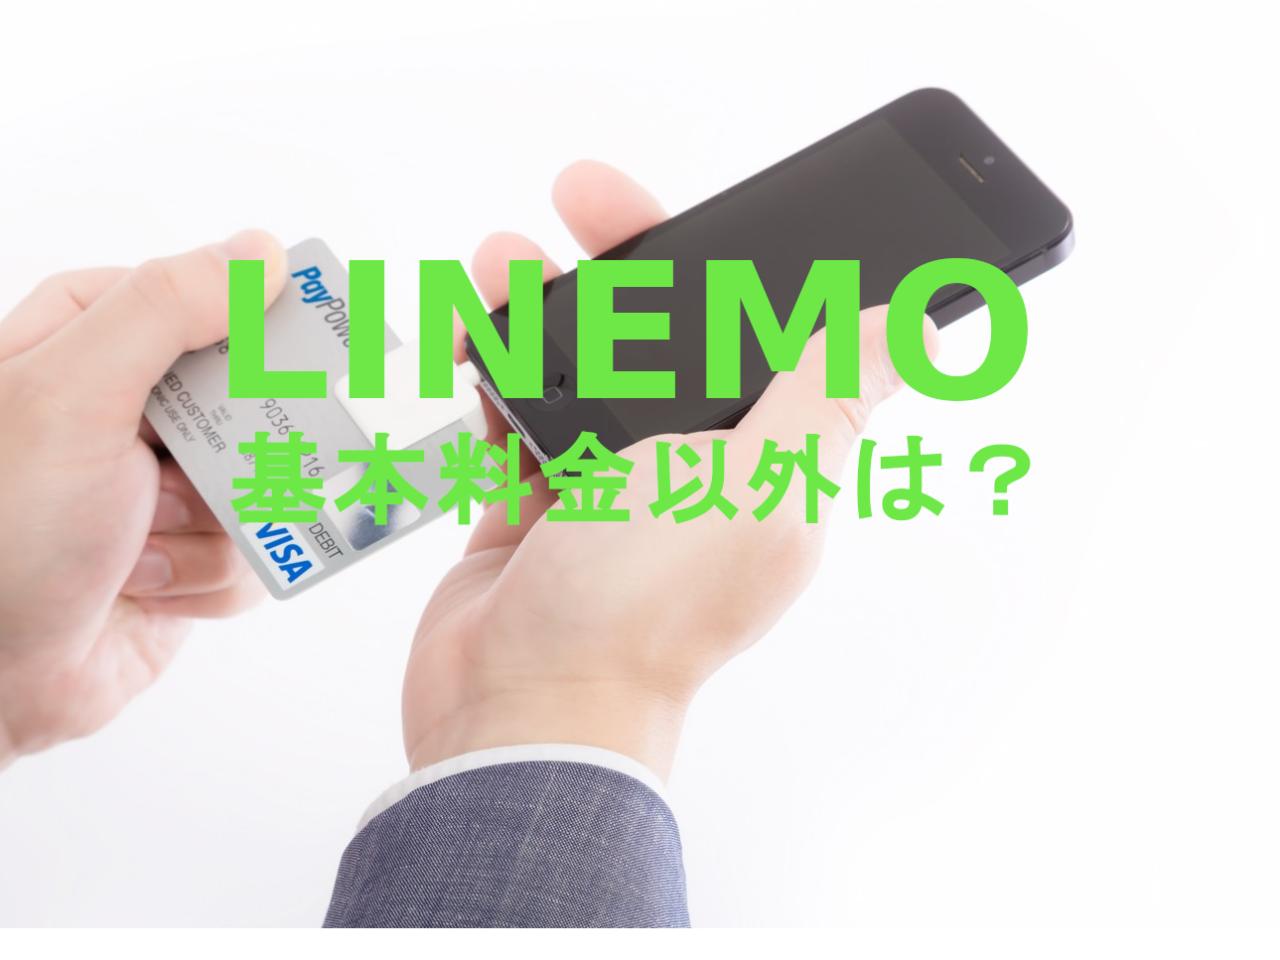 LINEMO(ラインモ)で月額基本料金以外にかかる費用の一覧を解説!のサムネイル画像